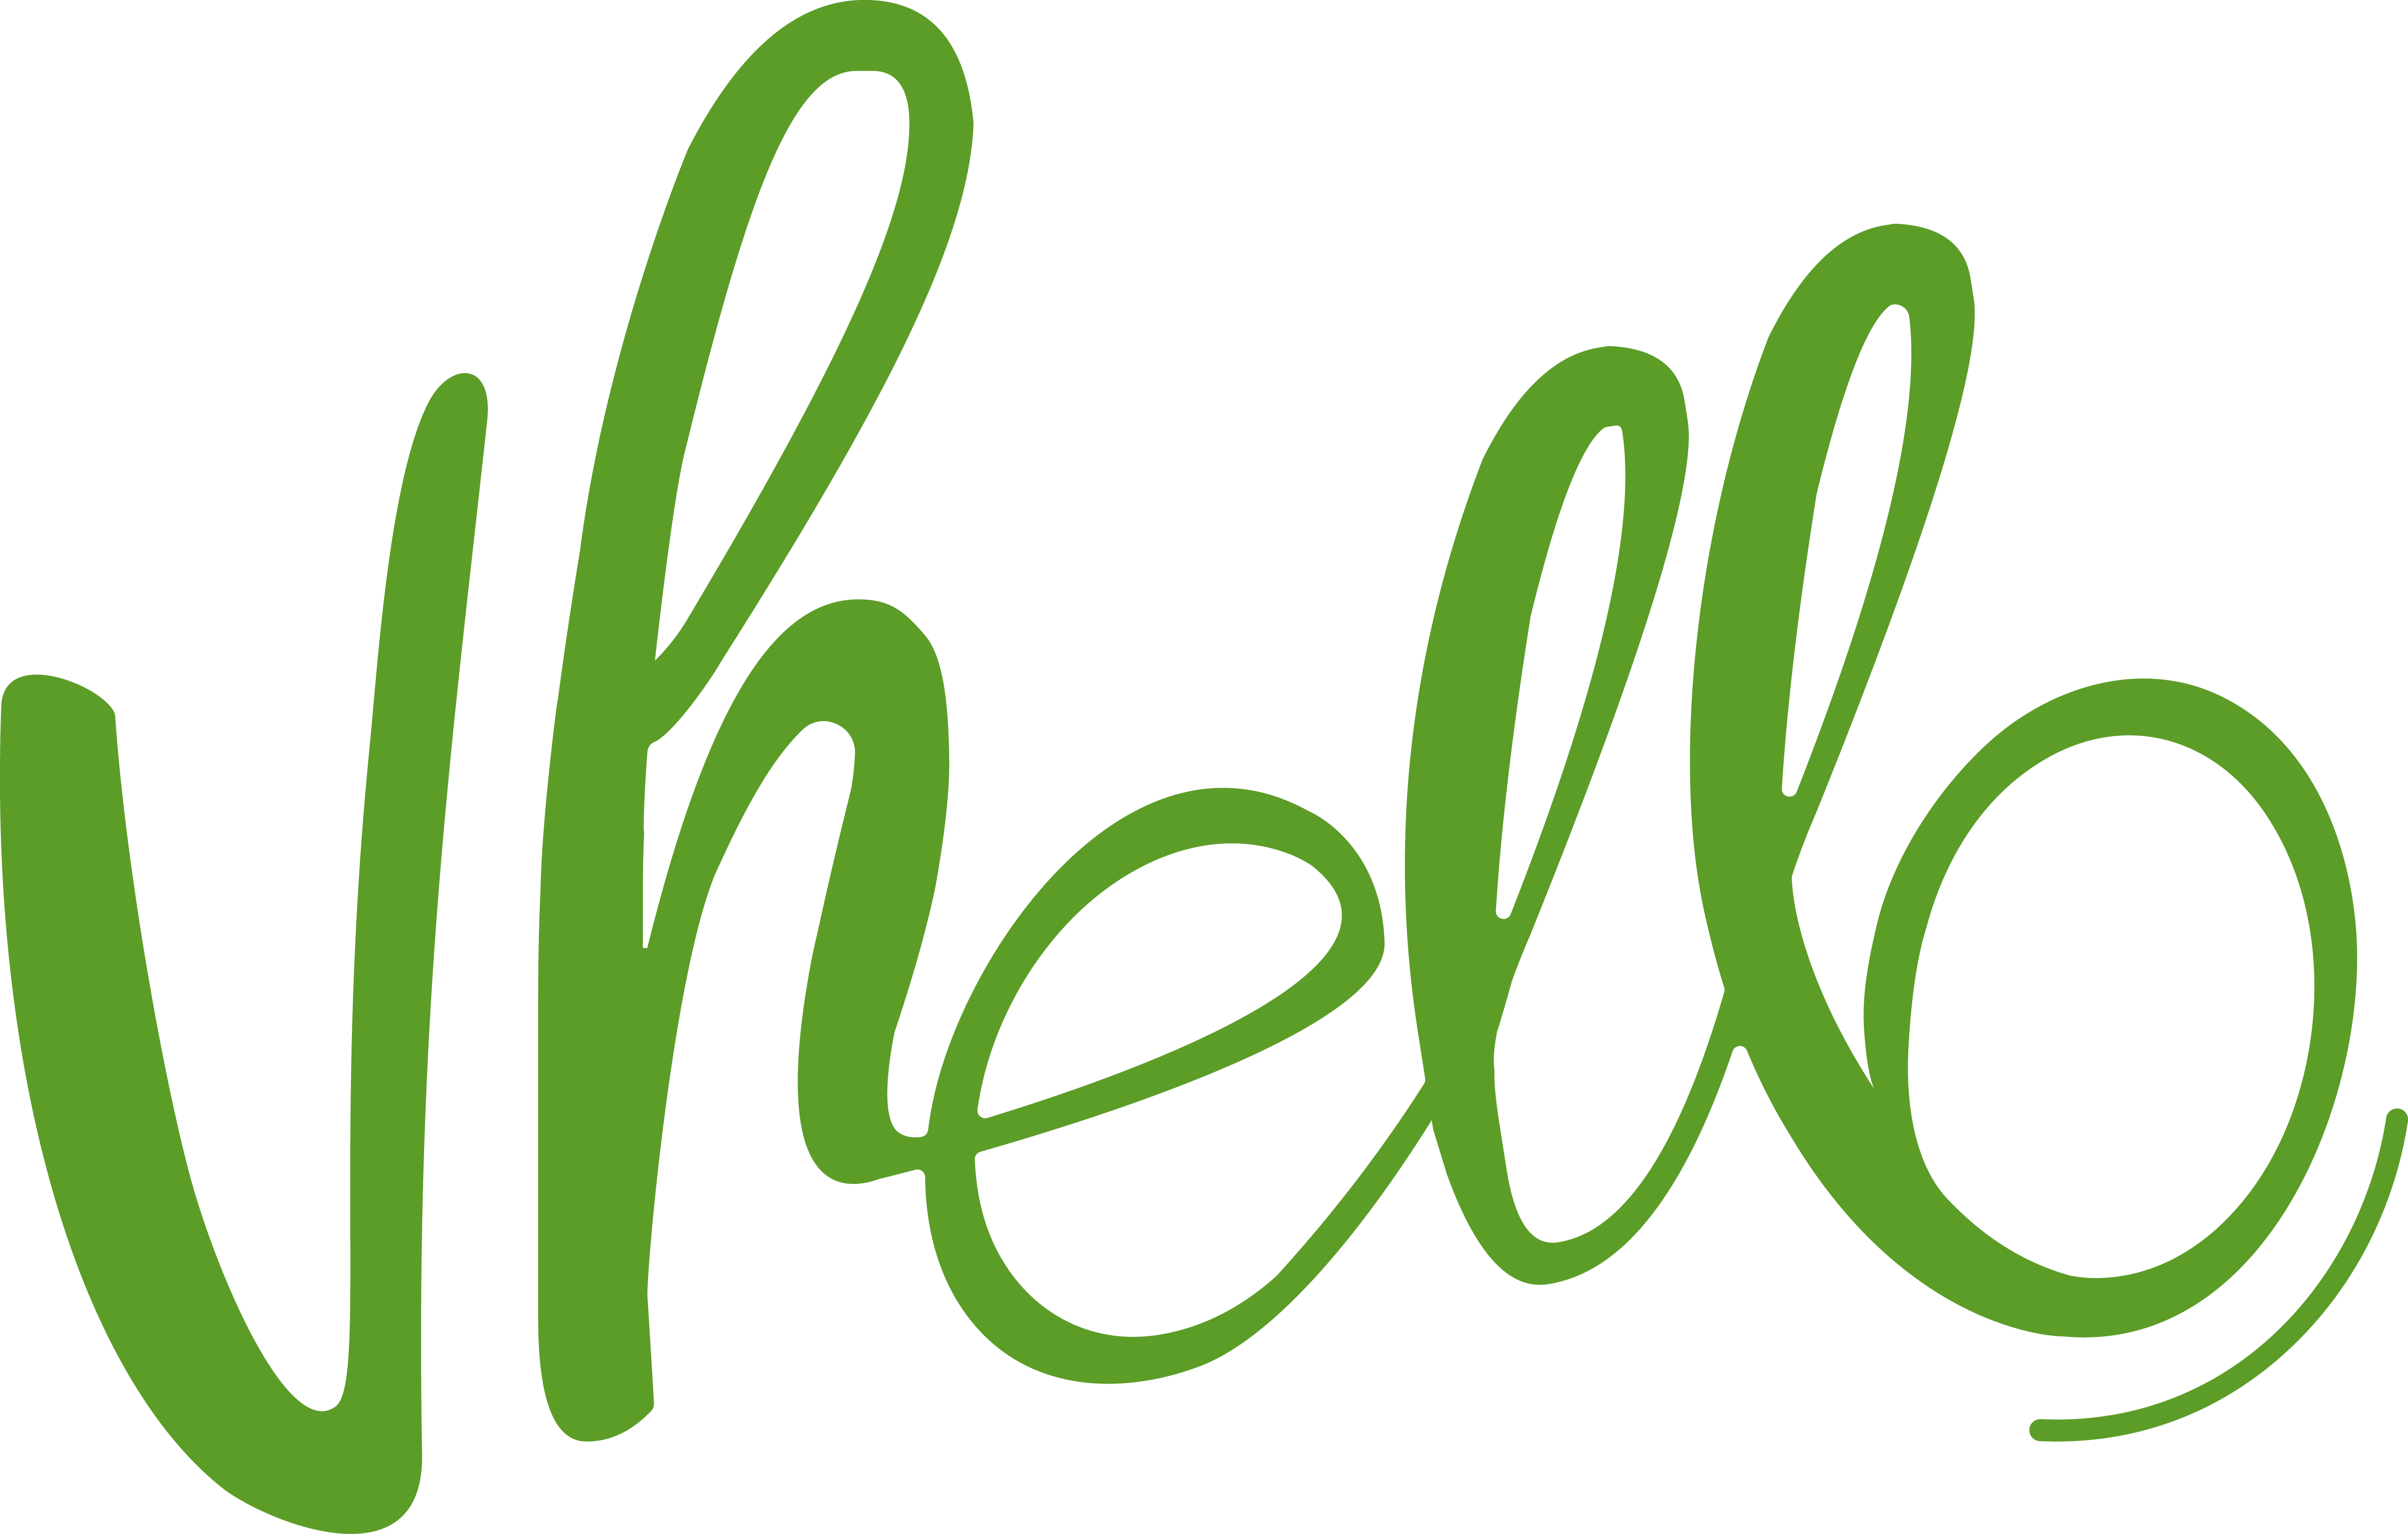 Deze route wordt aangeboden door: Vhello